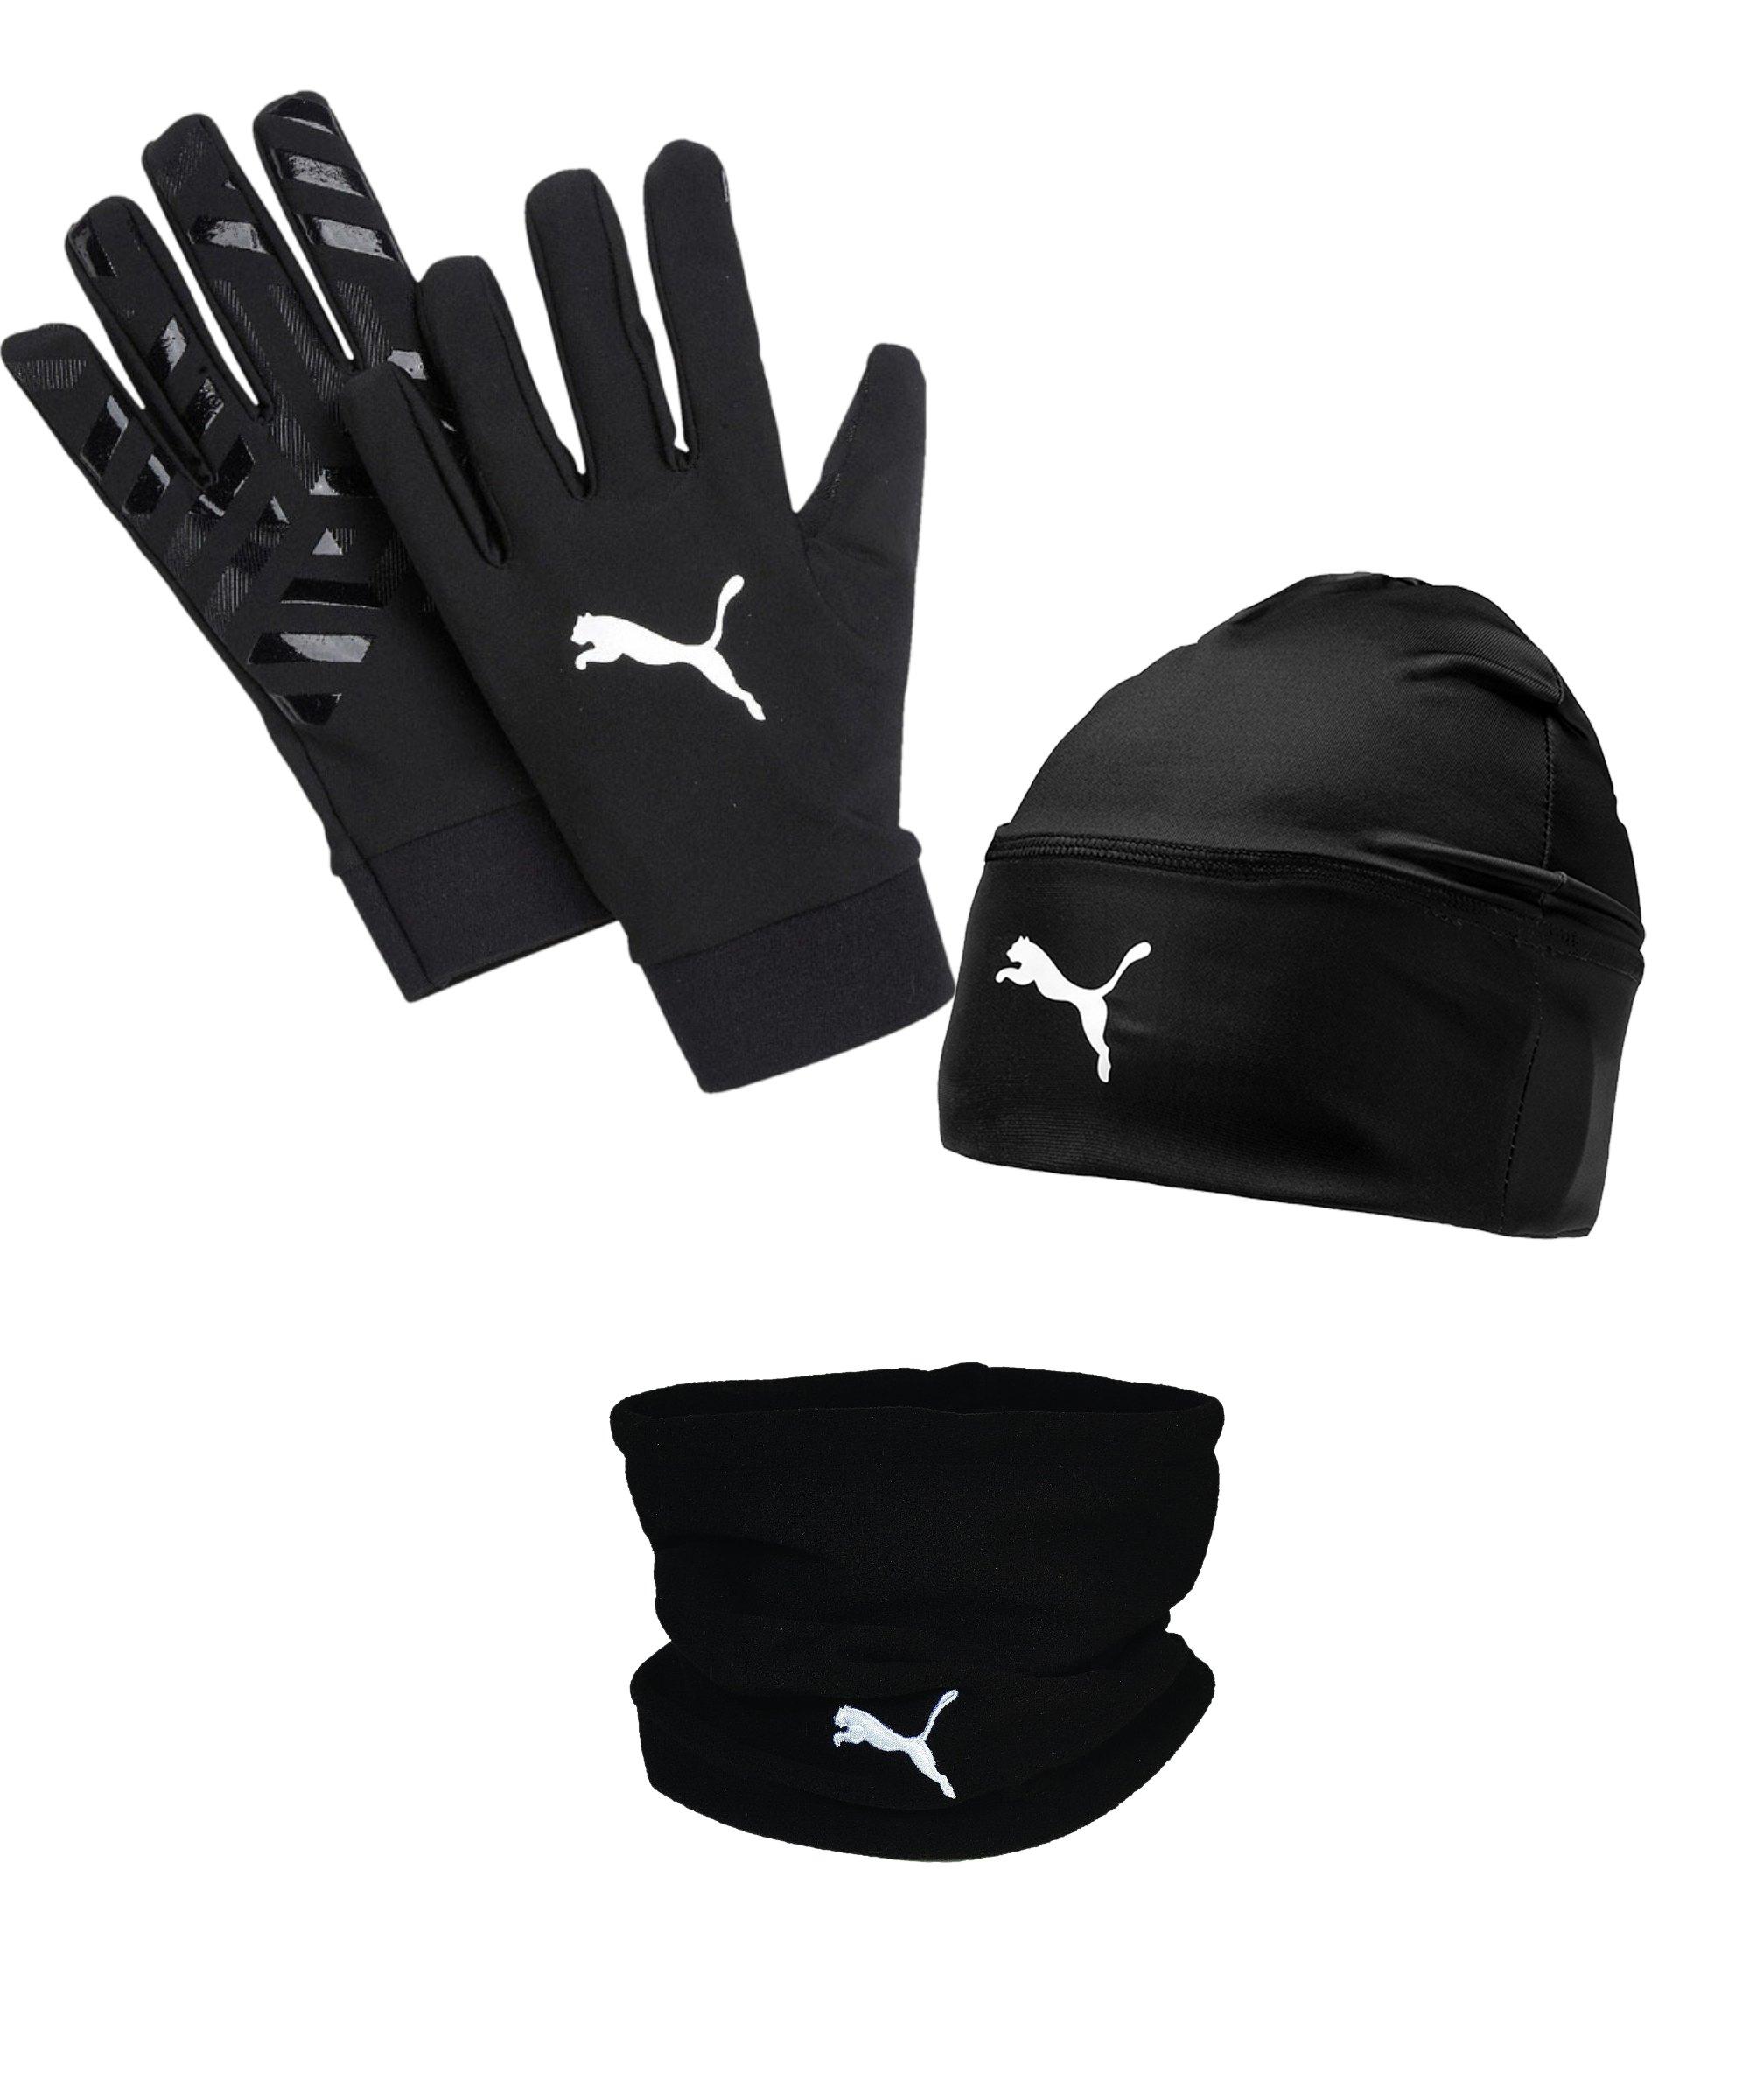 PUMA 3er Winter Set Handschuh + Beanie + Neckwarmer Schwarz Grau - schwarz